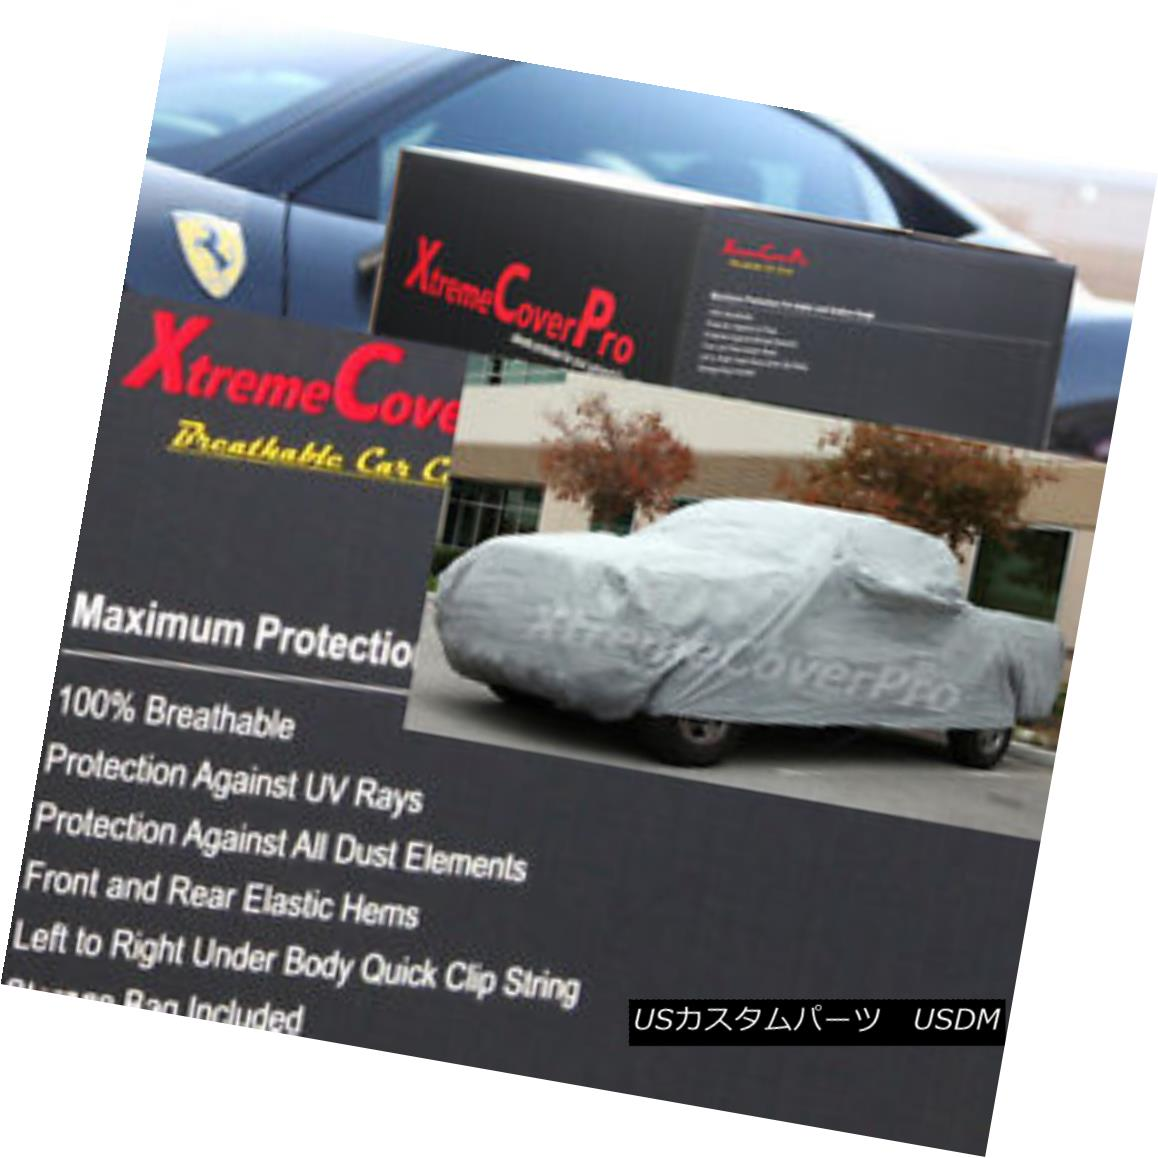 カーカバー 2018 GMC SIERRA 3500HD Double Cab 8FT Box / DUALLY BREATHABLE TRUCK COVER - GREY 2018 GMC SIERRA 3500HDダブルキャブ8FTボックス/ DUALLY BREATHABLE TRUCK COVER - グレー